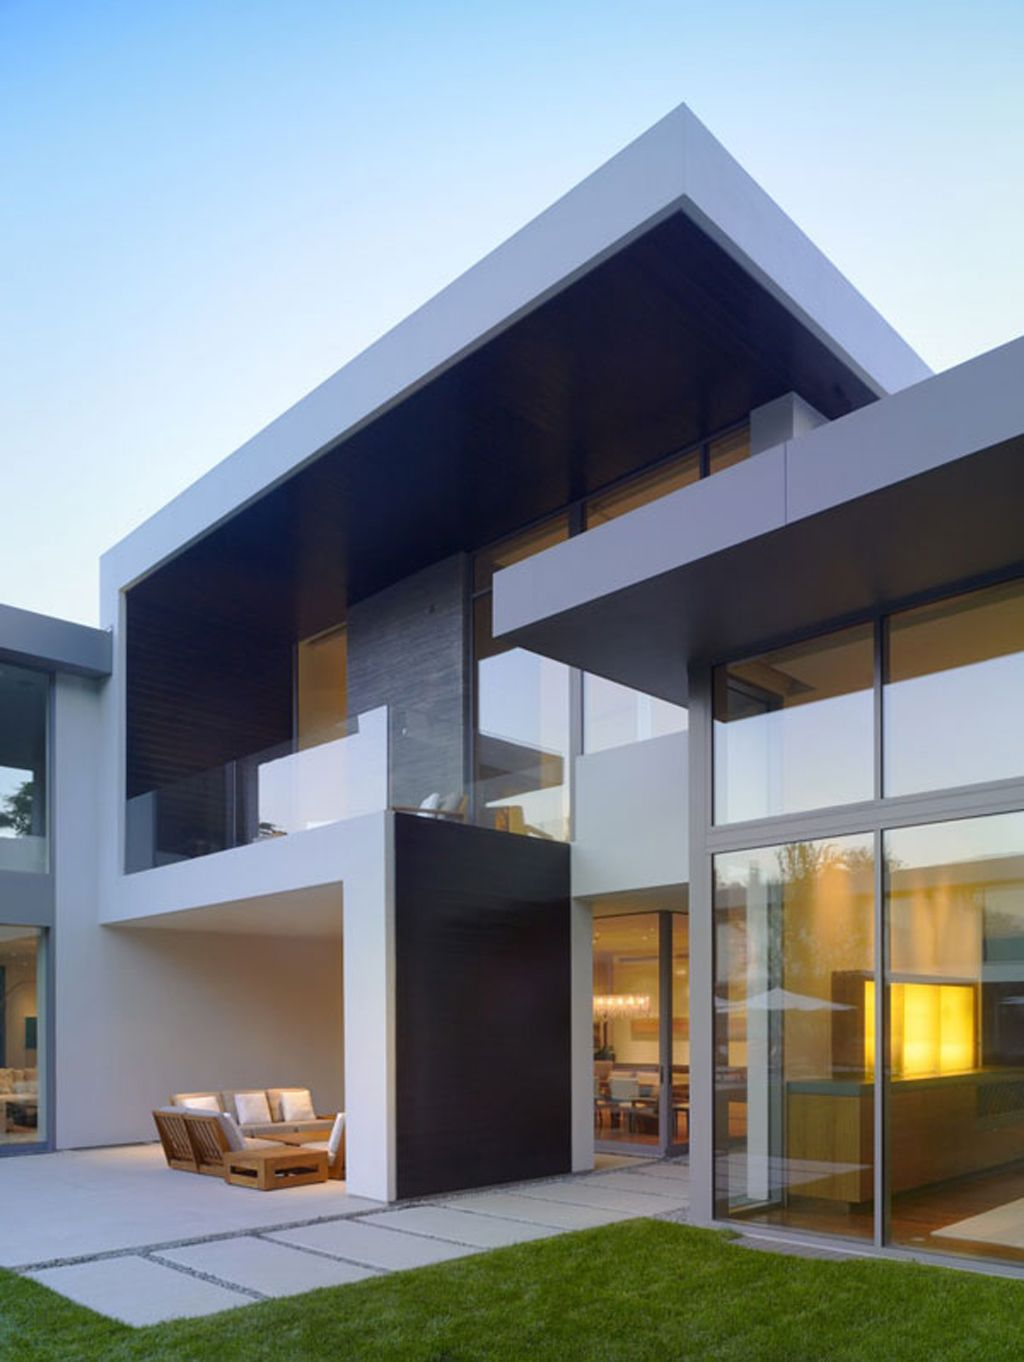 Modern Urban House : modern, urban, house, Urban, House, Plans, Architecture, Interior, Design, Minimalist, Design,, Modern, House,